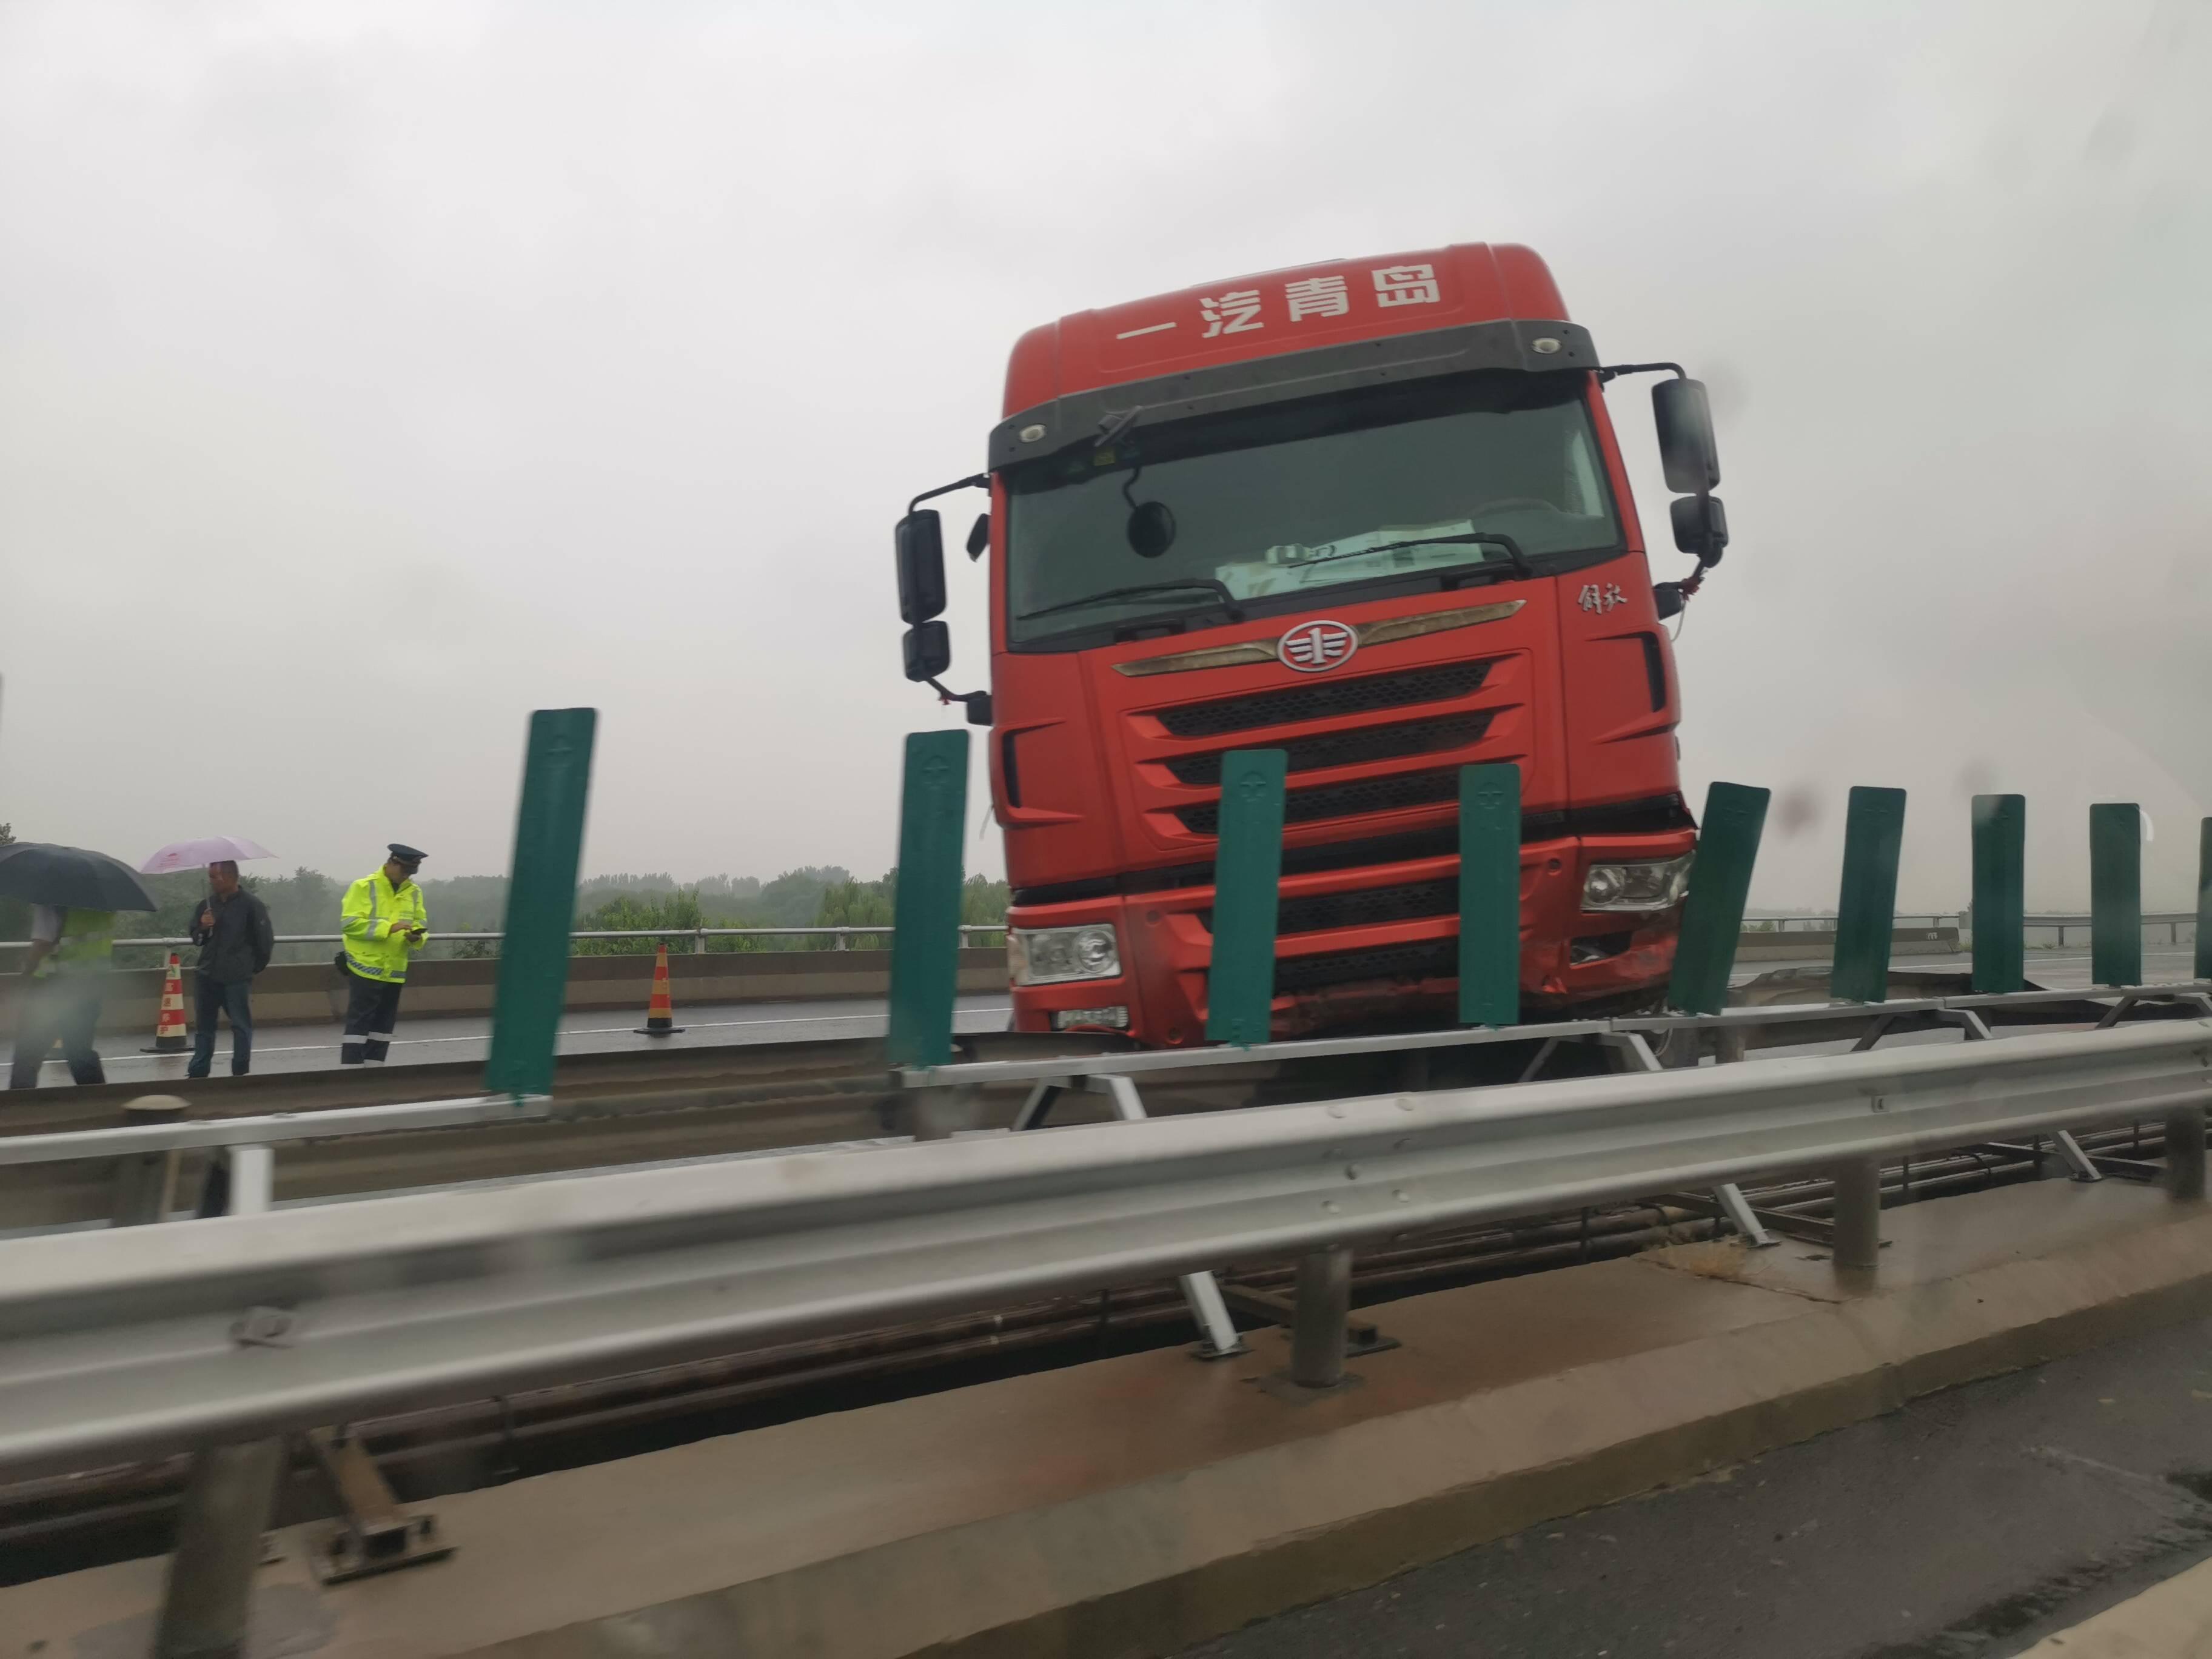 下雨路滑! 京台高速黄河大桥路段发生交通事故